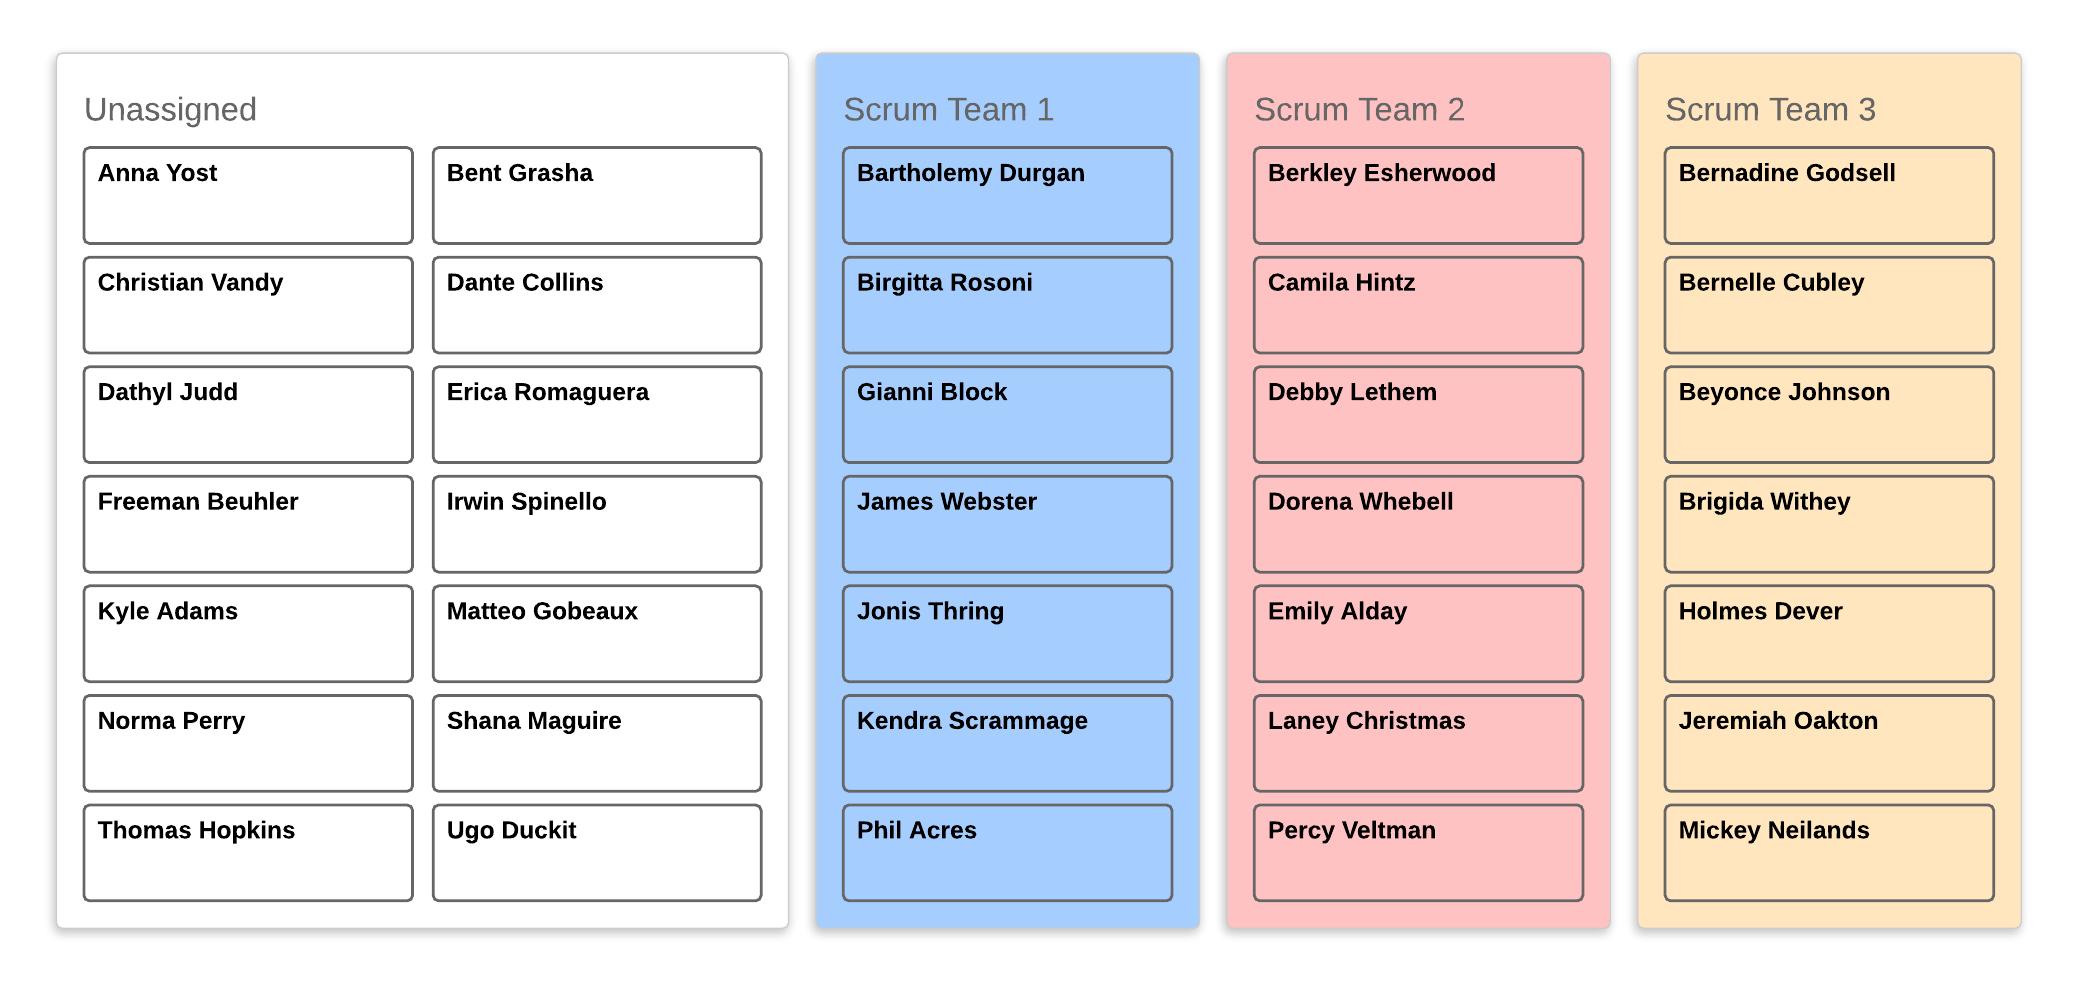 التنظيم الإداري القائم على الفريق